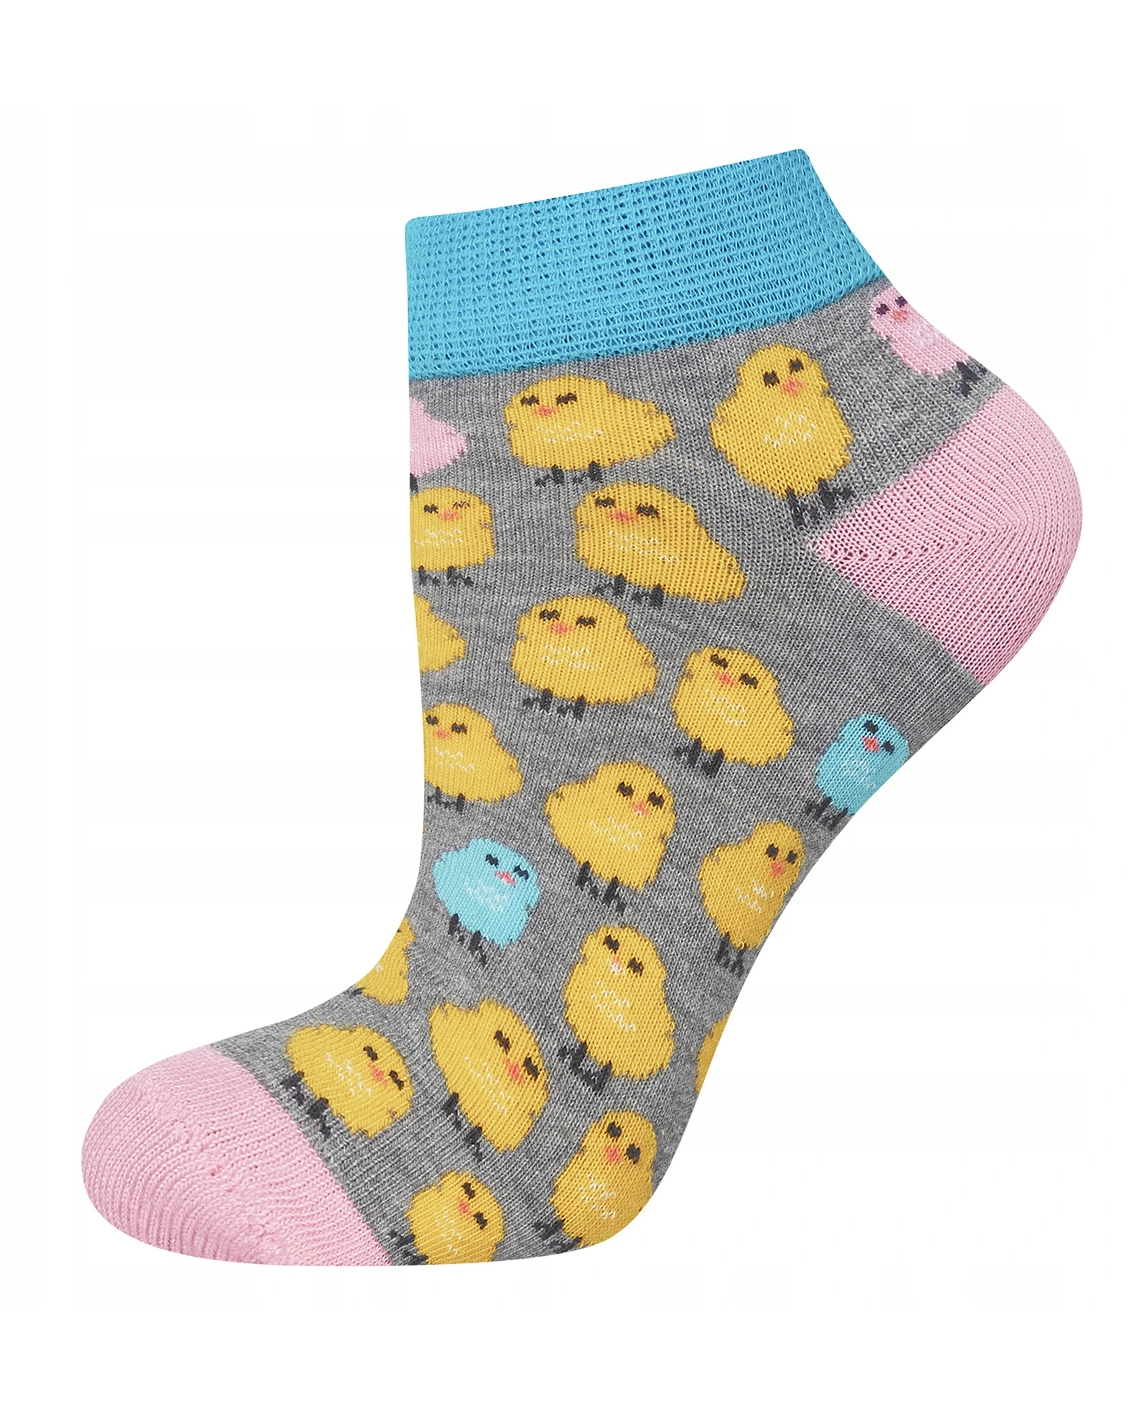 Skarpety SOXO GOOD STUFF zakostki - kurczaczki Zabawne skarpetki dla pań, która pragnie wyrazić swoją niezależność, spontaniczność oraz siłę w walce z codziennymi sprawami. Dzięki dużej zawartości bawełny noga idealnie oddycha nie poci się. Super prezent dla ukochanej.